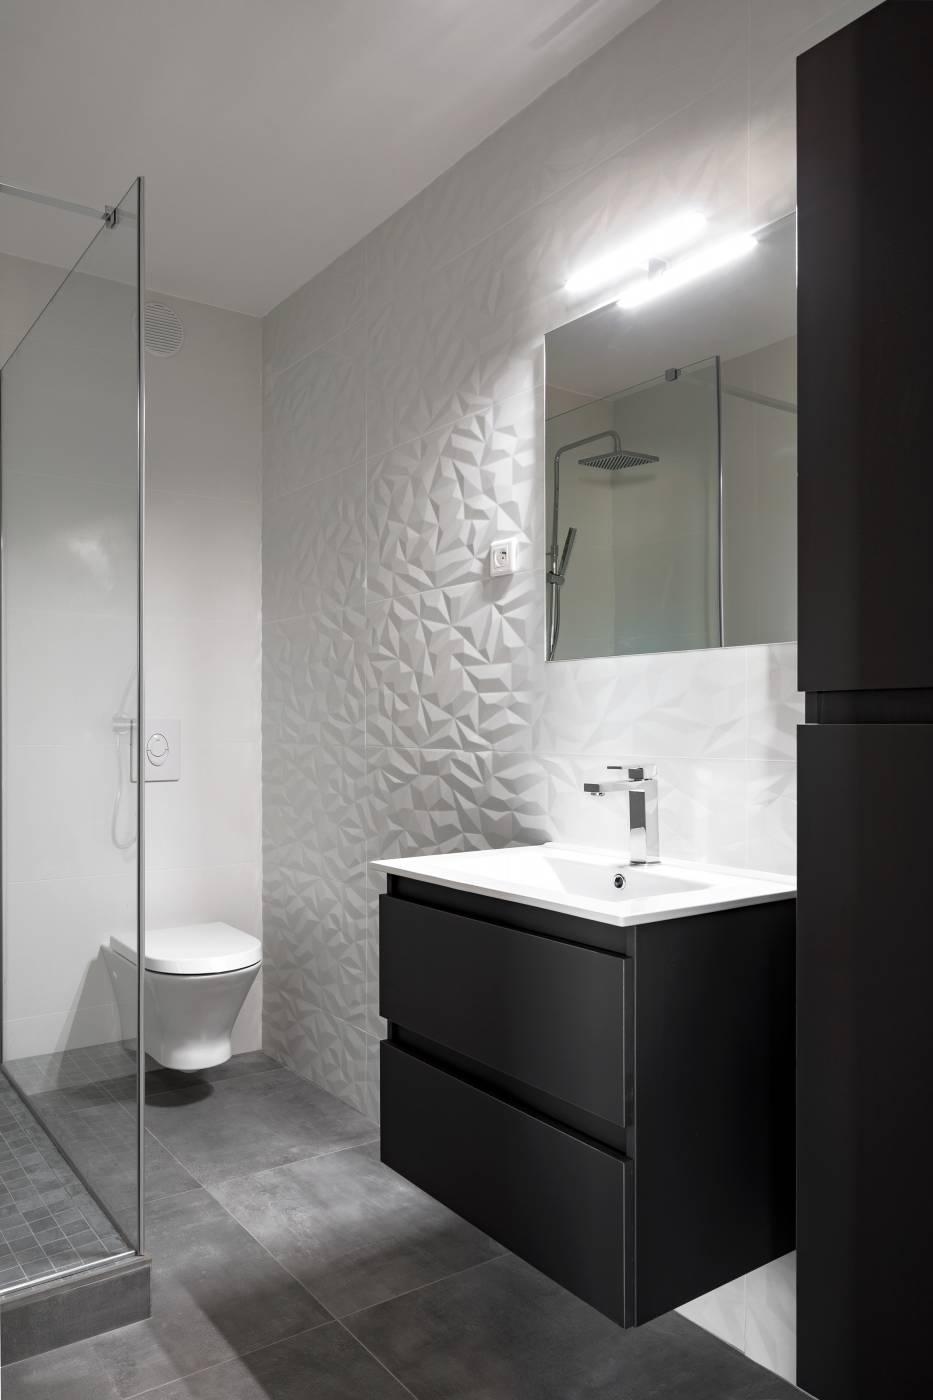 Rénovation Salle De Bains Carrelage à Relief Aix En